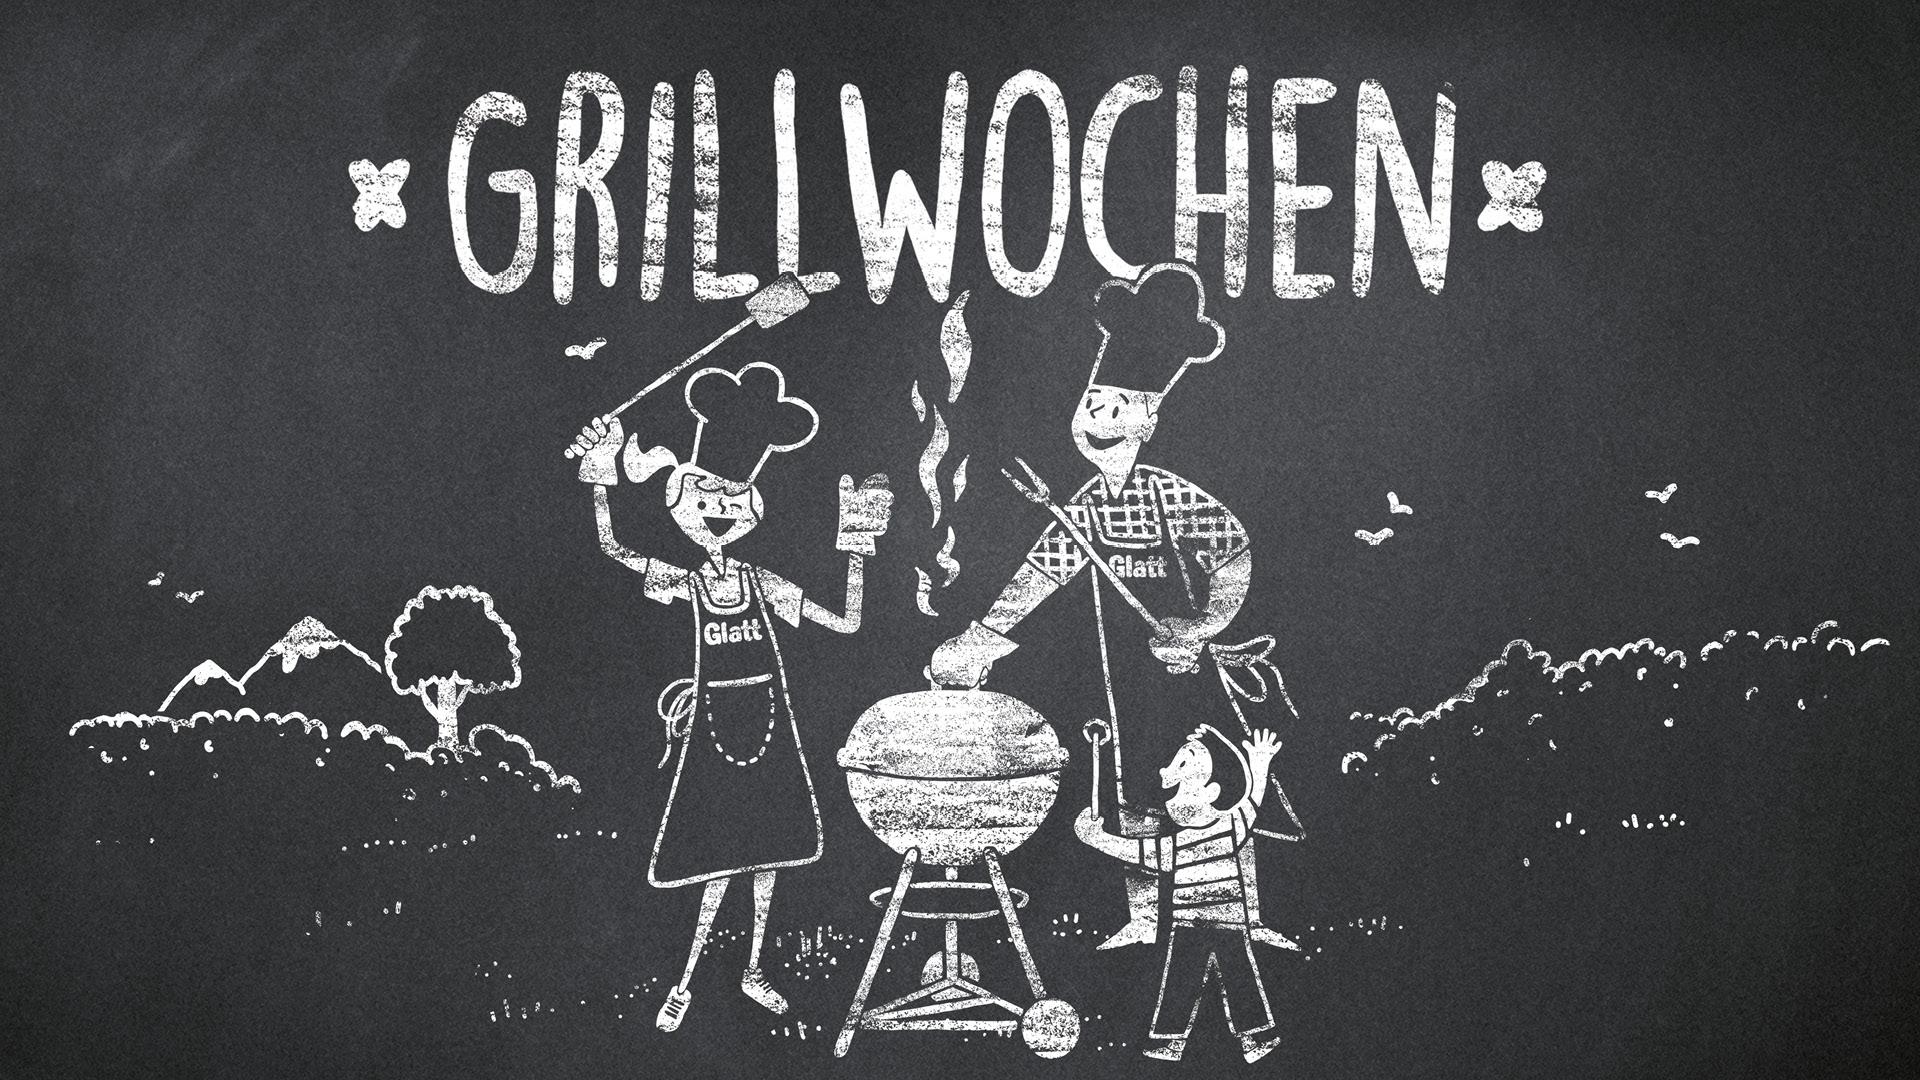 Grillwochen – BBQ Weeks